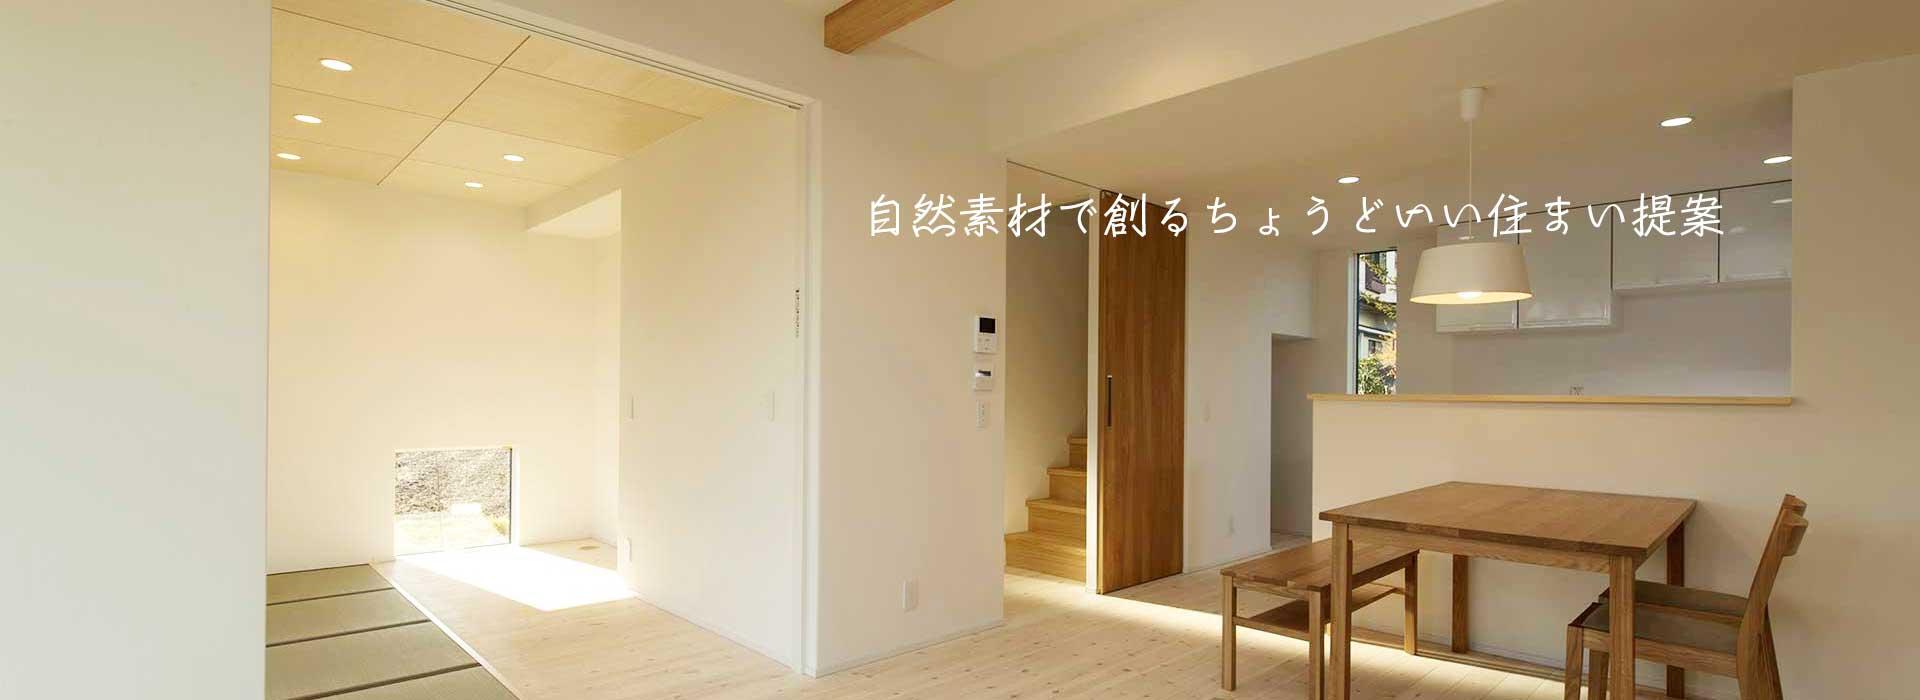 自然素材で創るちょうどいい住まい提案|八戸市の工務店新築注文住宅のグリーンホームズ